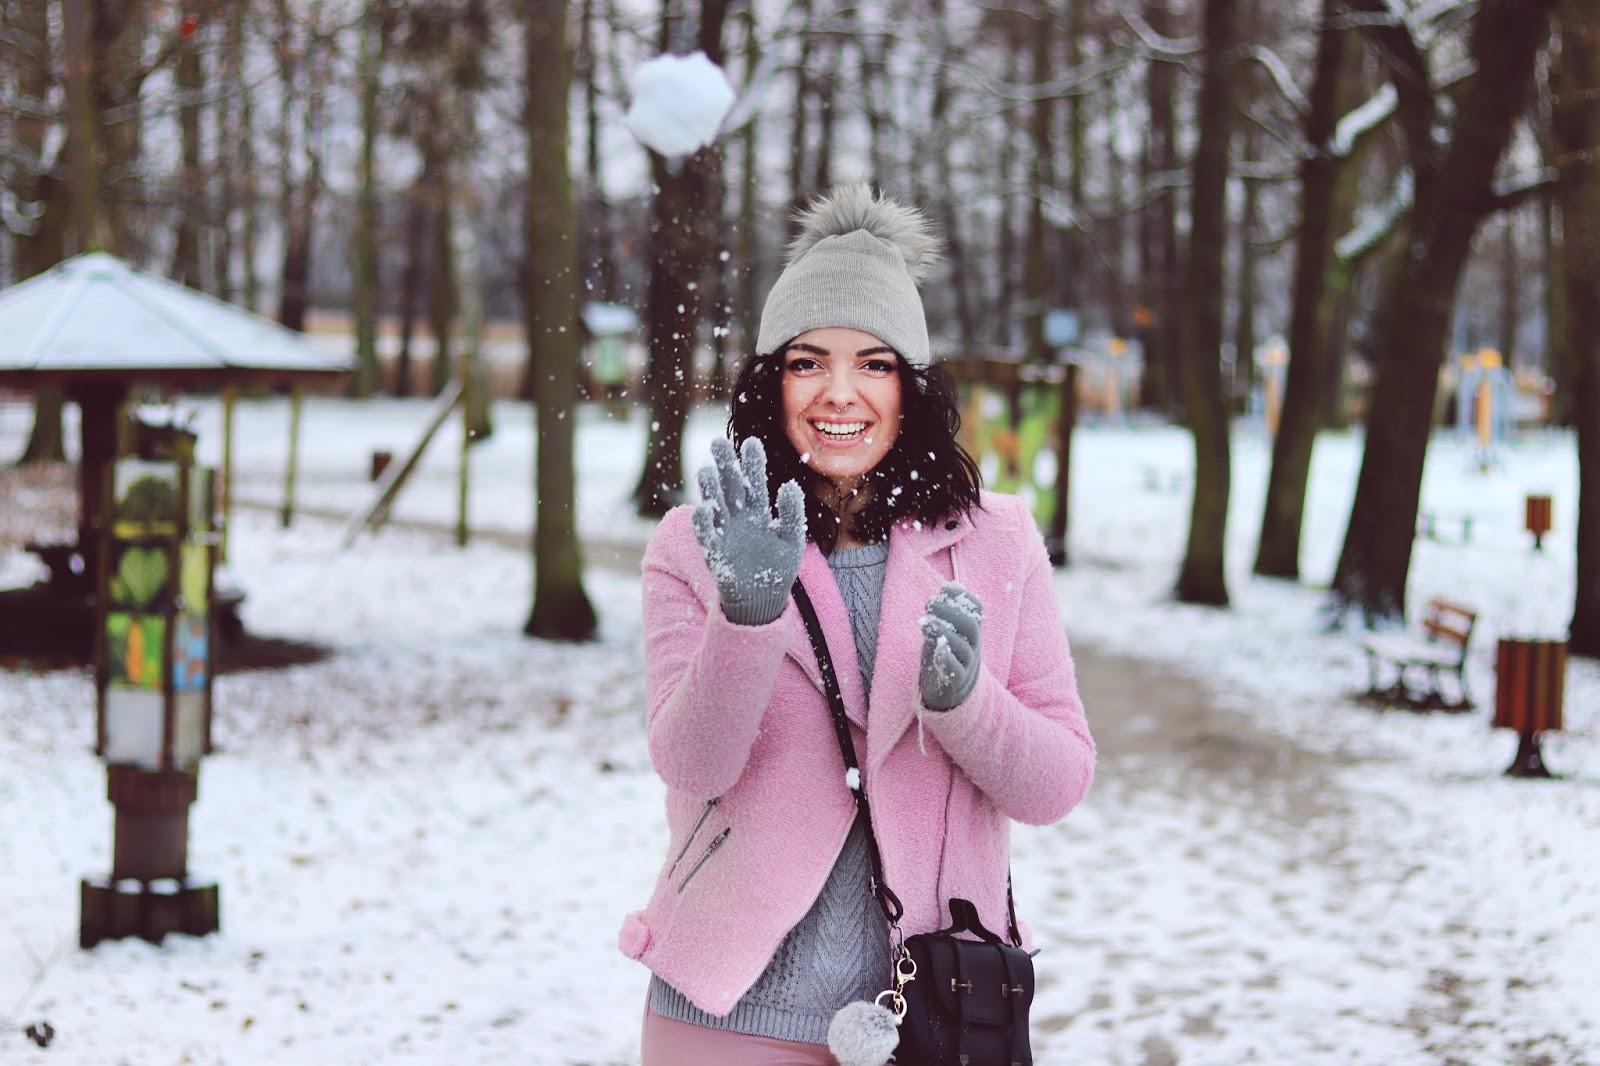 różowa kurtka ramoneska, szara czapka z pomponem, różowy płaszcz, sweter stradivarius